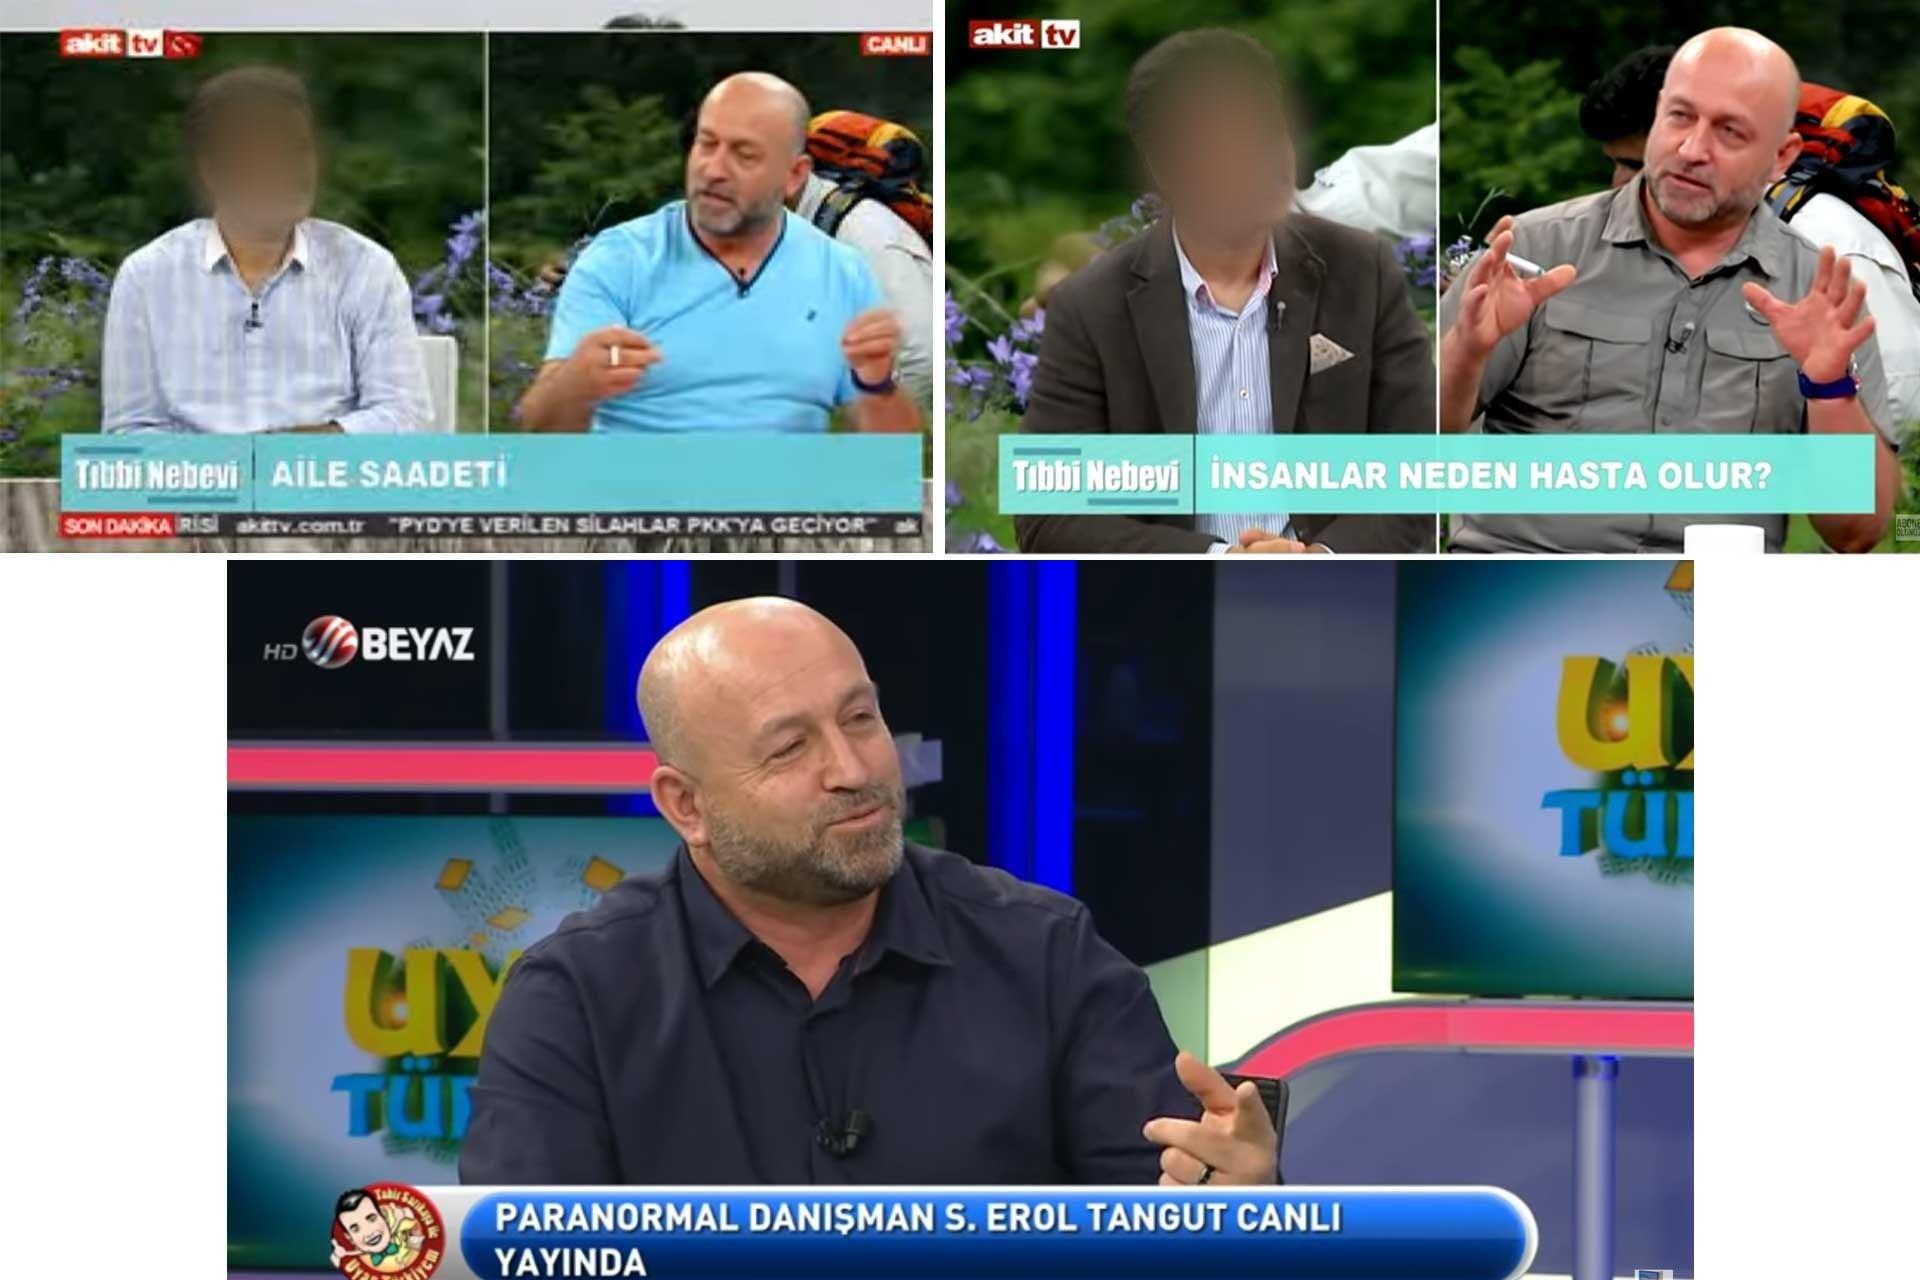 Akit tv ve Beyaz TV'de yayınlanan programlardan ekran görüntüleri.